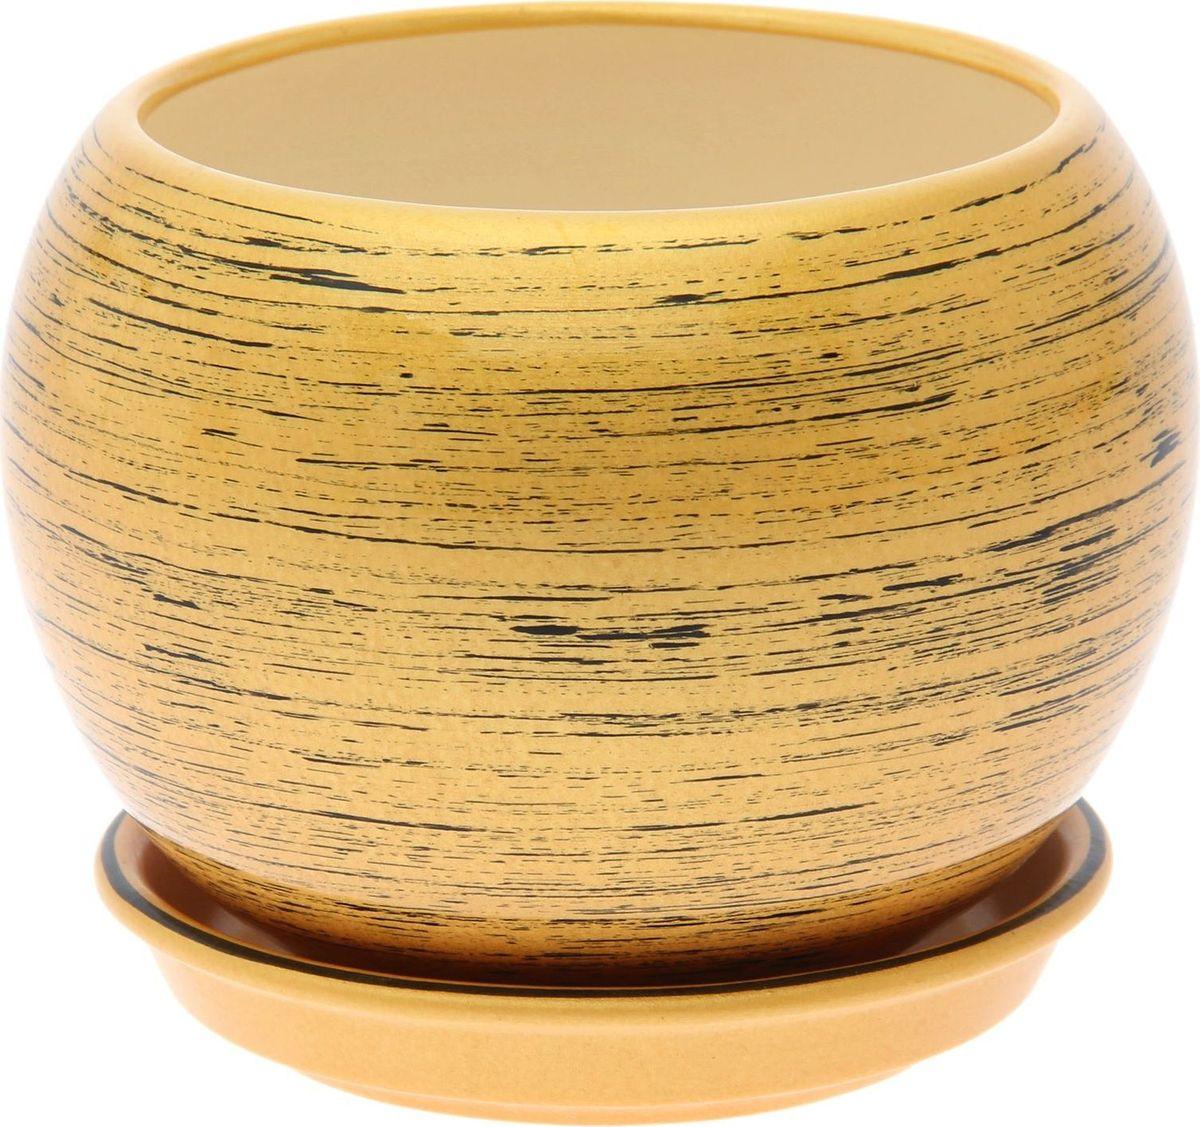 Кашпо Керамика ручной работы Шар, цвет: черный, золотой, 9 л1489751Комнатные растения — всеобщие любимцы. Они радуют глаз, насыщают помещение кислородом и украшают пространство. Каждому из них необходим свой удобный и красивый дом. Кашпо из керамики прекрасно подходят для высадки растений: за счёт пластичности глины и разных способов обработки существует великое множество форм и дизайновпористый материал позволяет испаряться лишней влагевоздух, необходимый для дыхания корней, проникает сквозь керамические стенки! #name# позаботится о зелёном питомце, освежит интерьер и подчеркнёт его стиль.